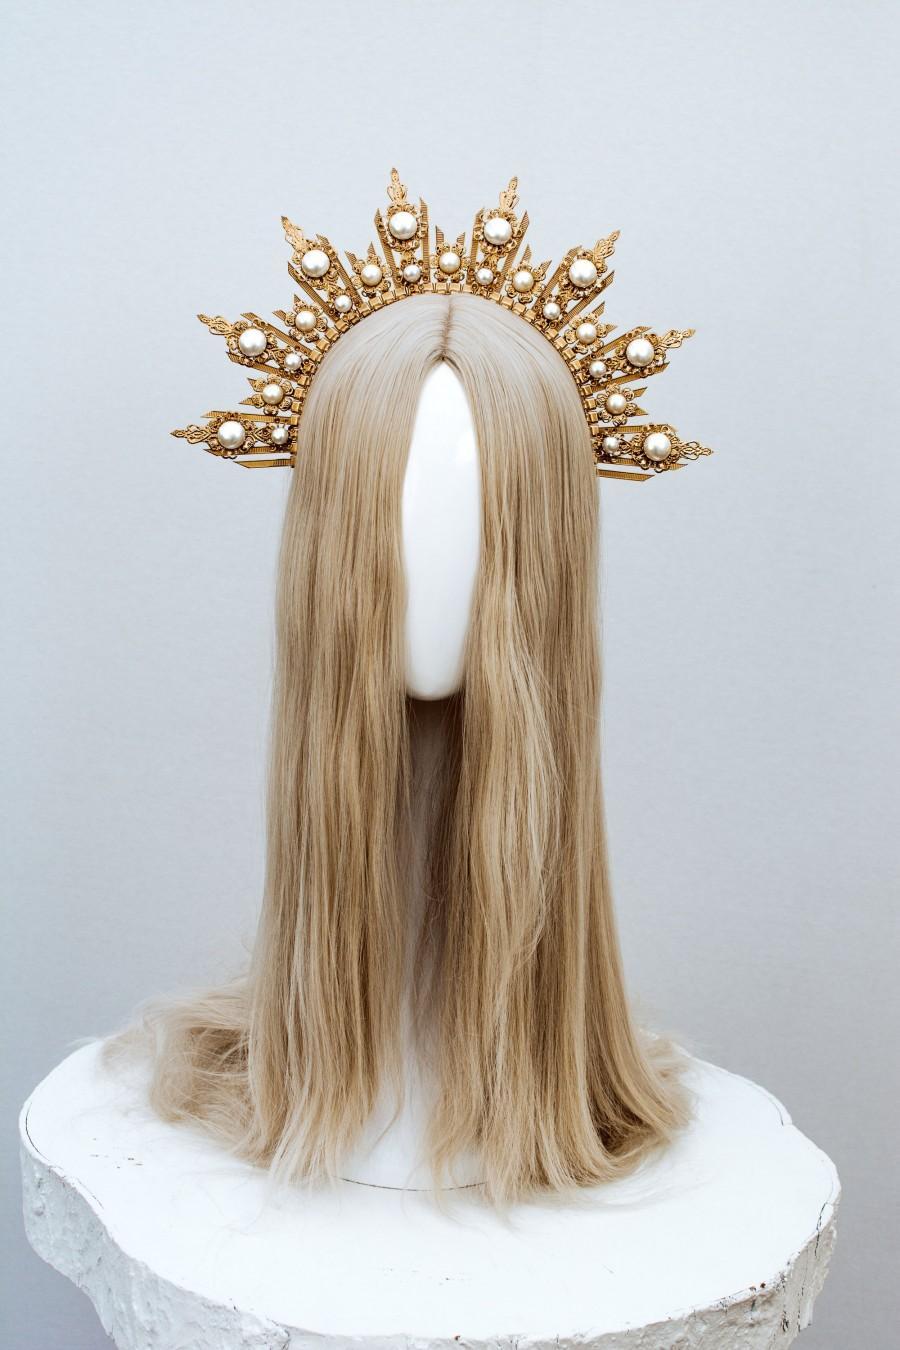 Hochzeit - Gold Halo crown, Glitter Halo Headpiece, Festival crown, Festival headpiece, Met Gala Crown, Sunburst Crown, Gold Boho Crown, Boho Wedding